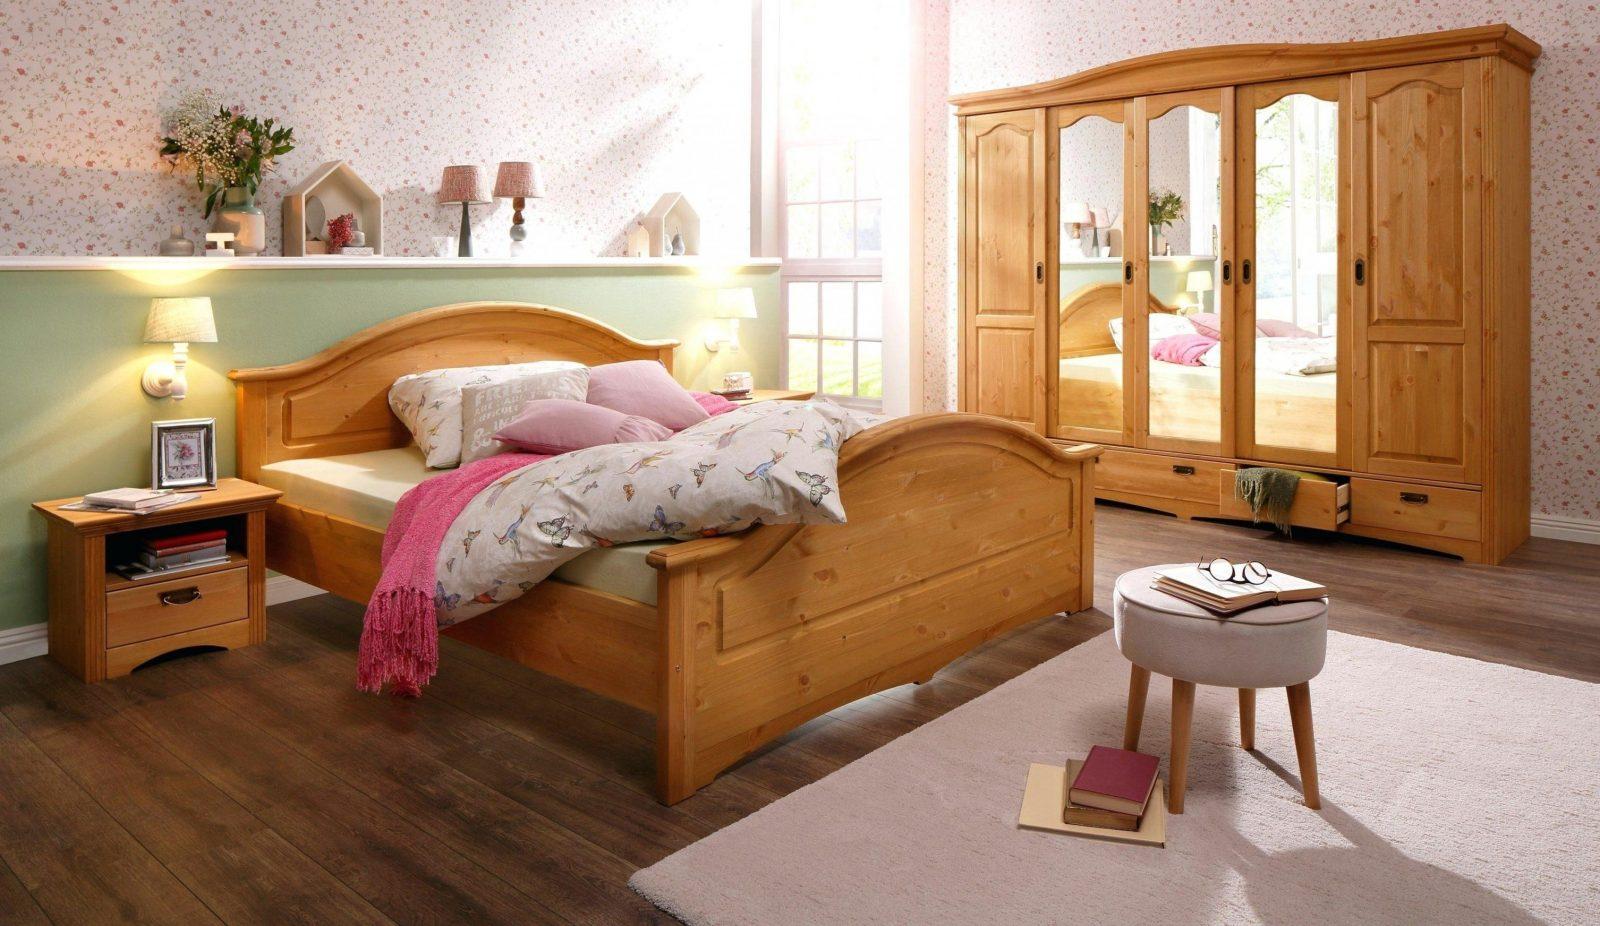 Schlafzimmermobel Landhausstil Schlafzimmer Landhausstil Retro Auf von Landhaus Schlafzimmer Komplett Massiv Photo